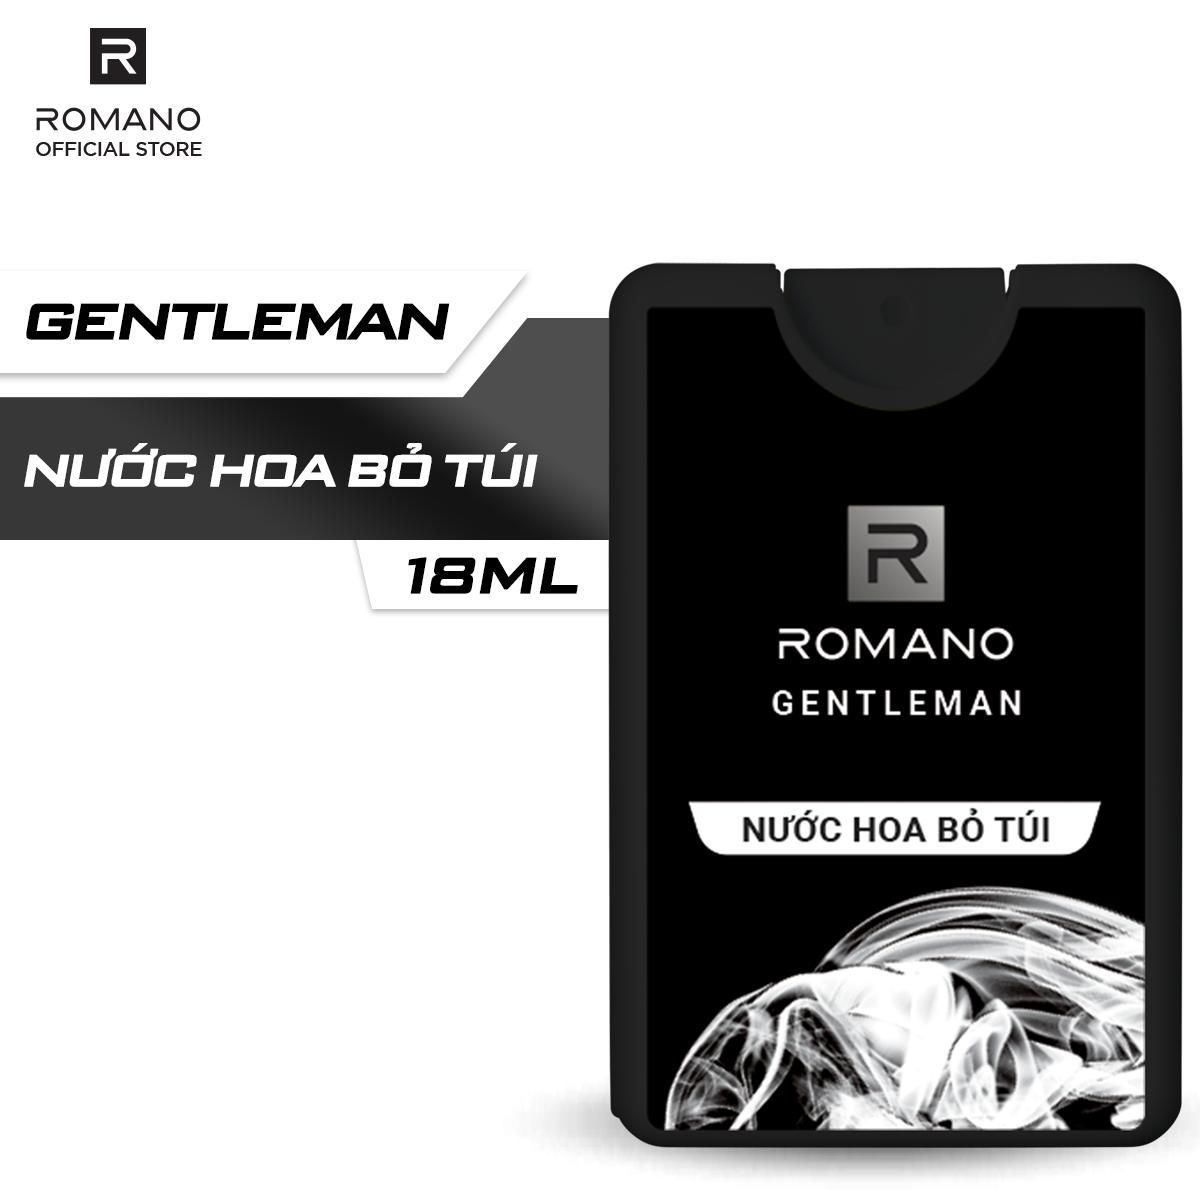 Nước hoa bỏ túi Romano Gentleman hiện đại ấn tượng 18ml nhập khẩu